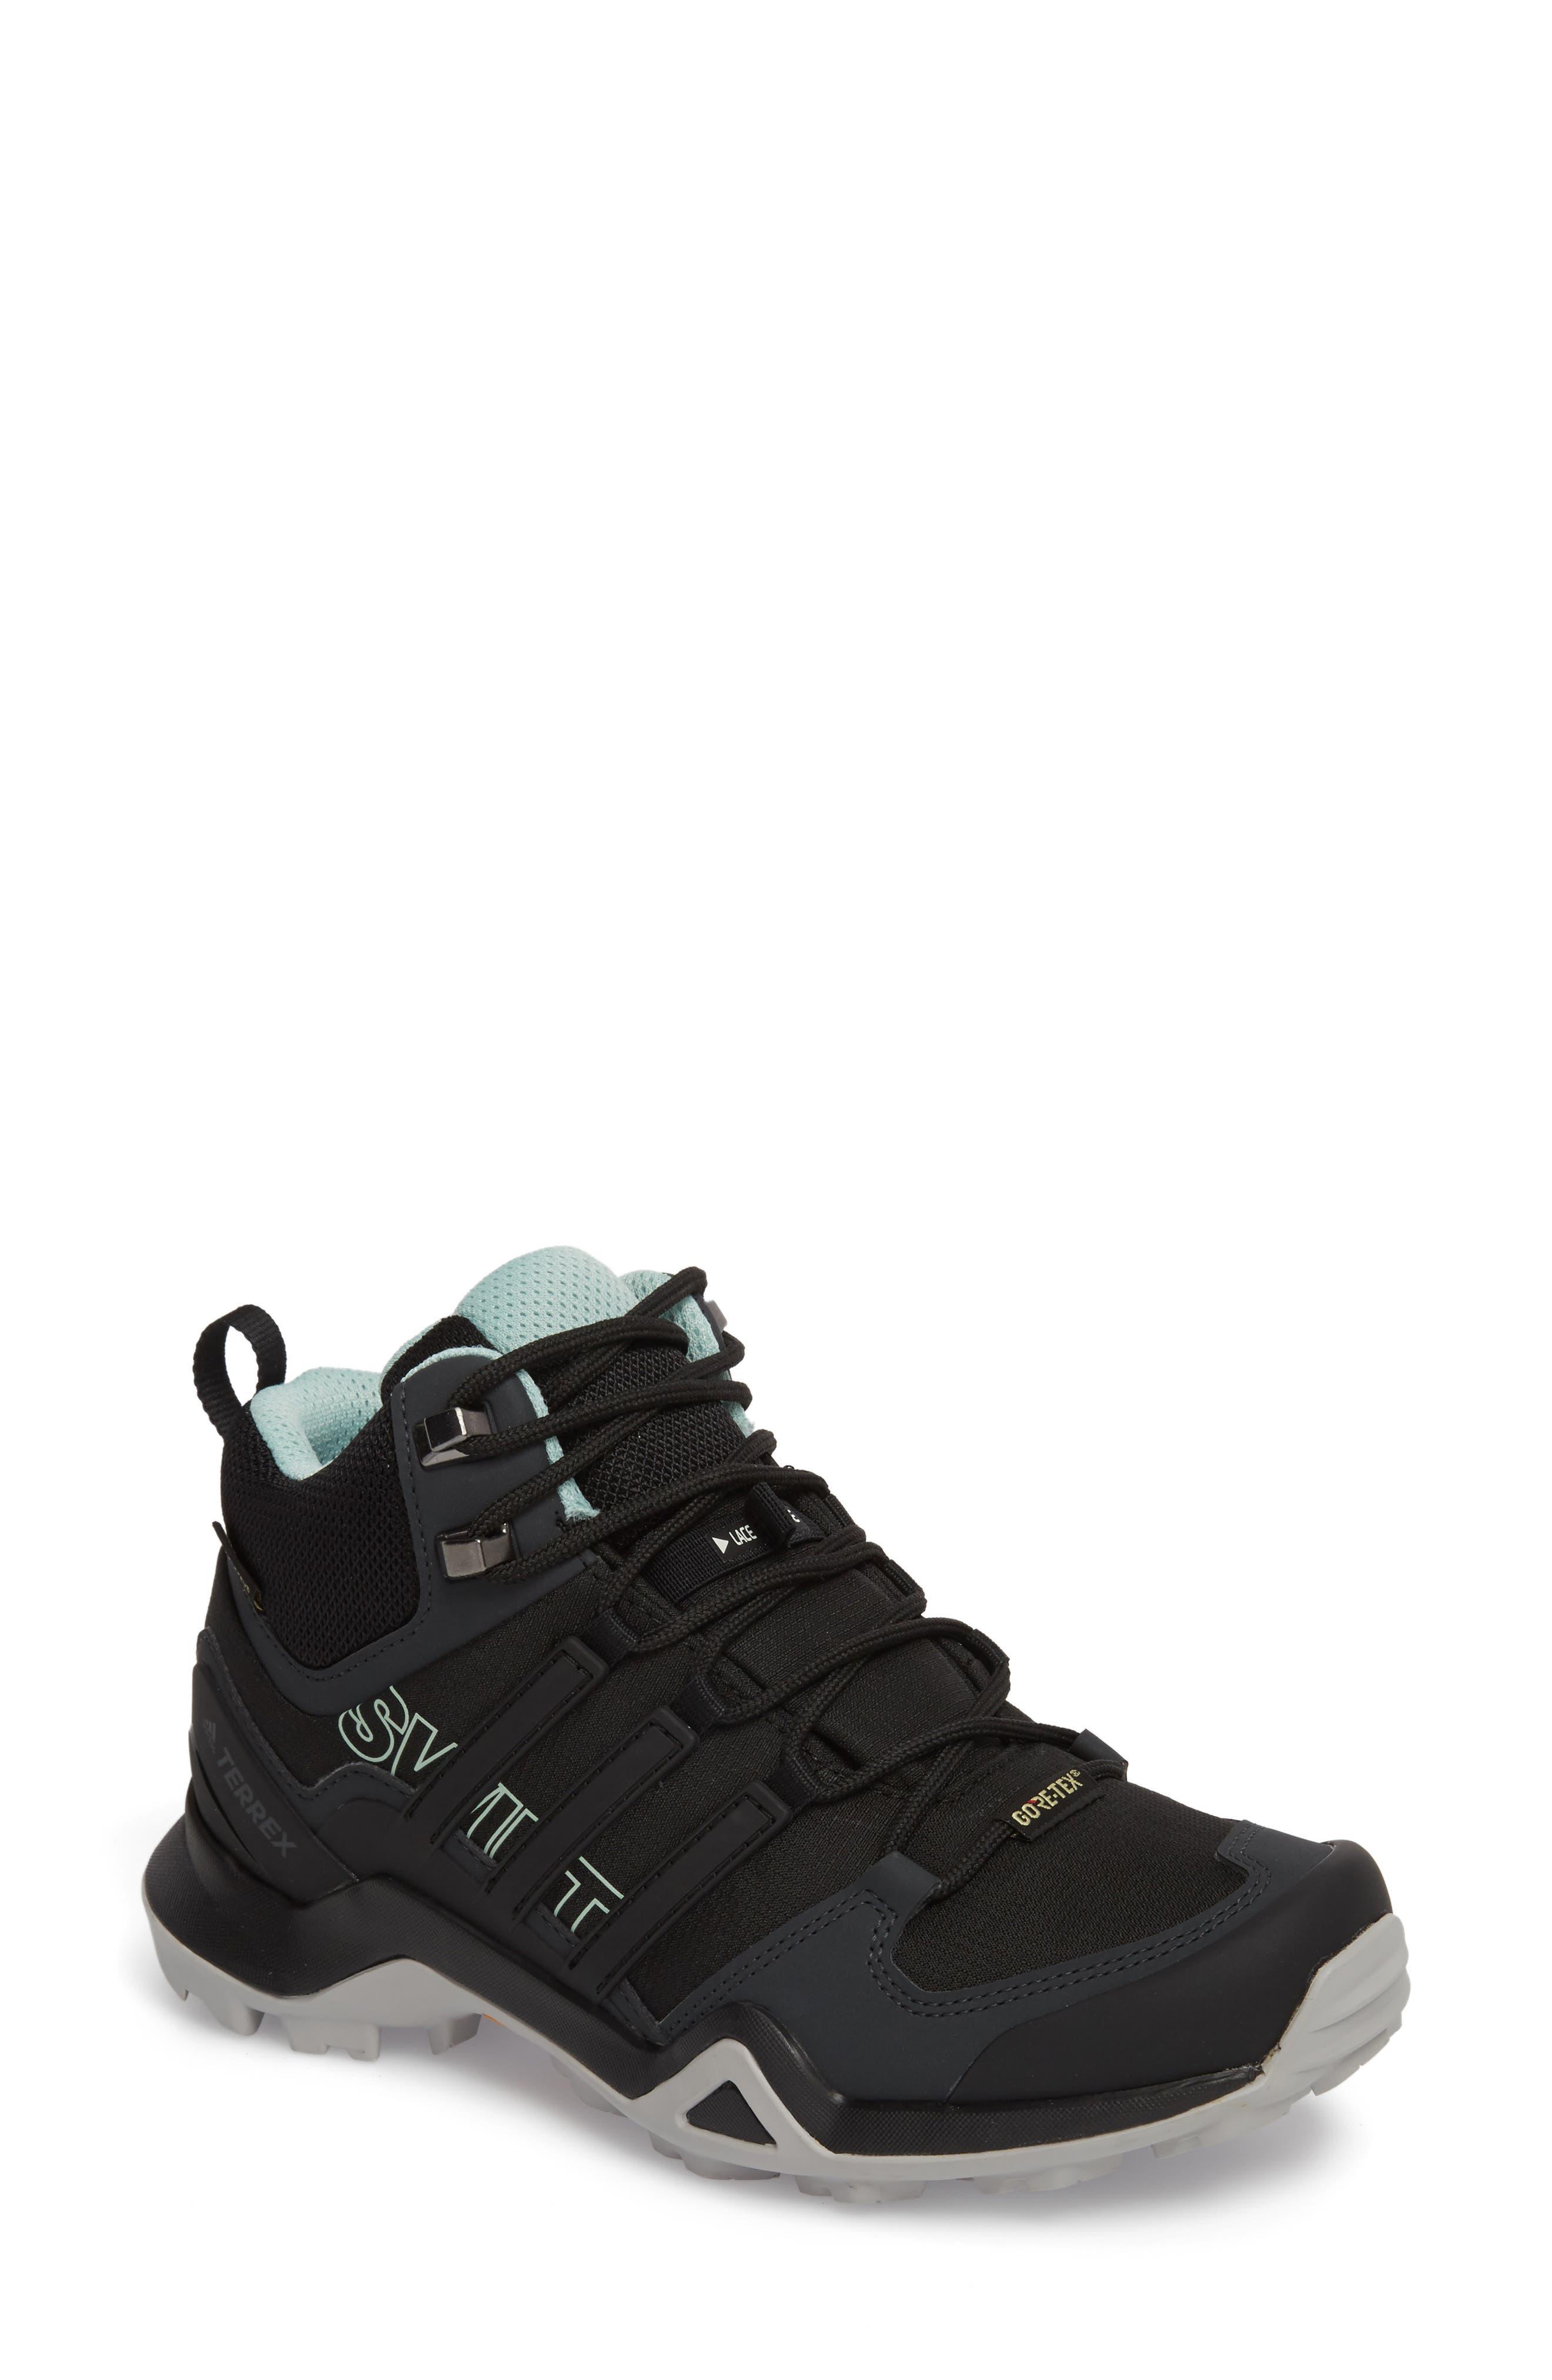 adidas terrex swift r2 mitte gore - tex - ® wanderstiefel (frauen) nordstrom